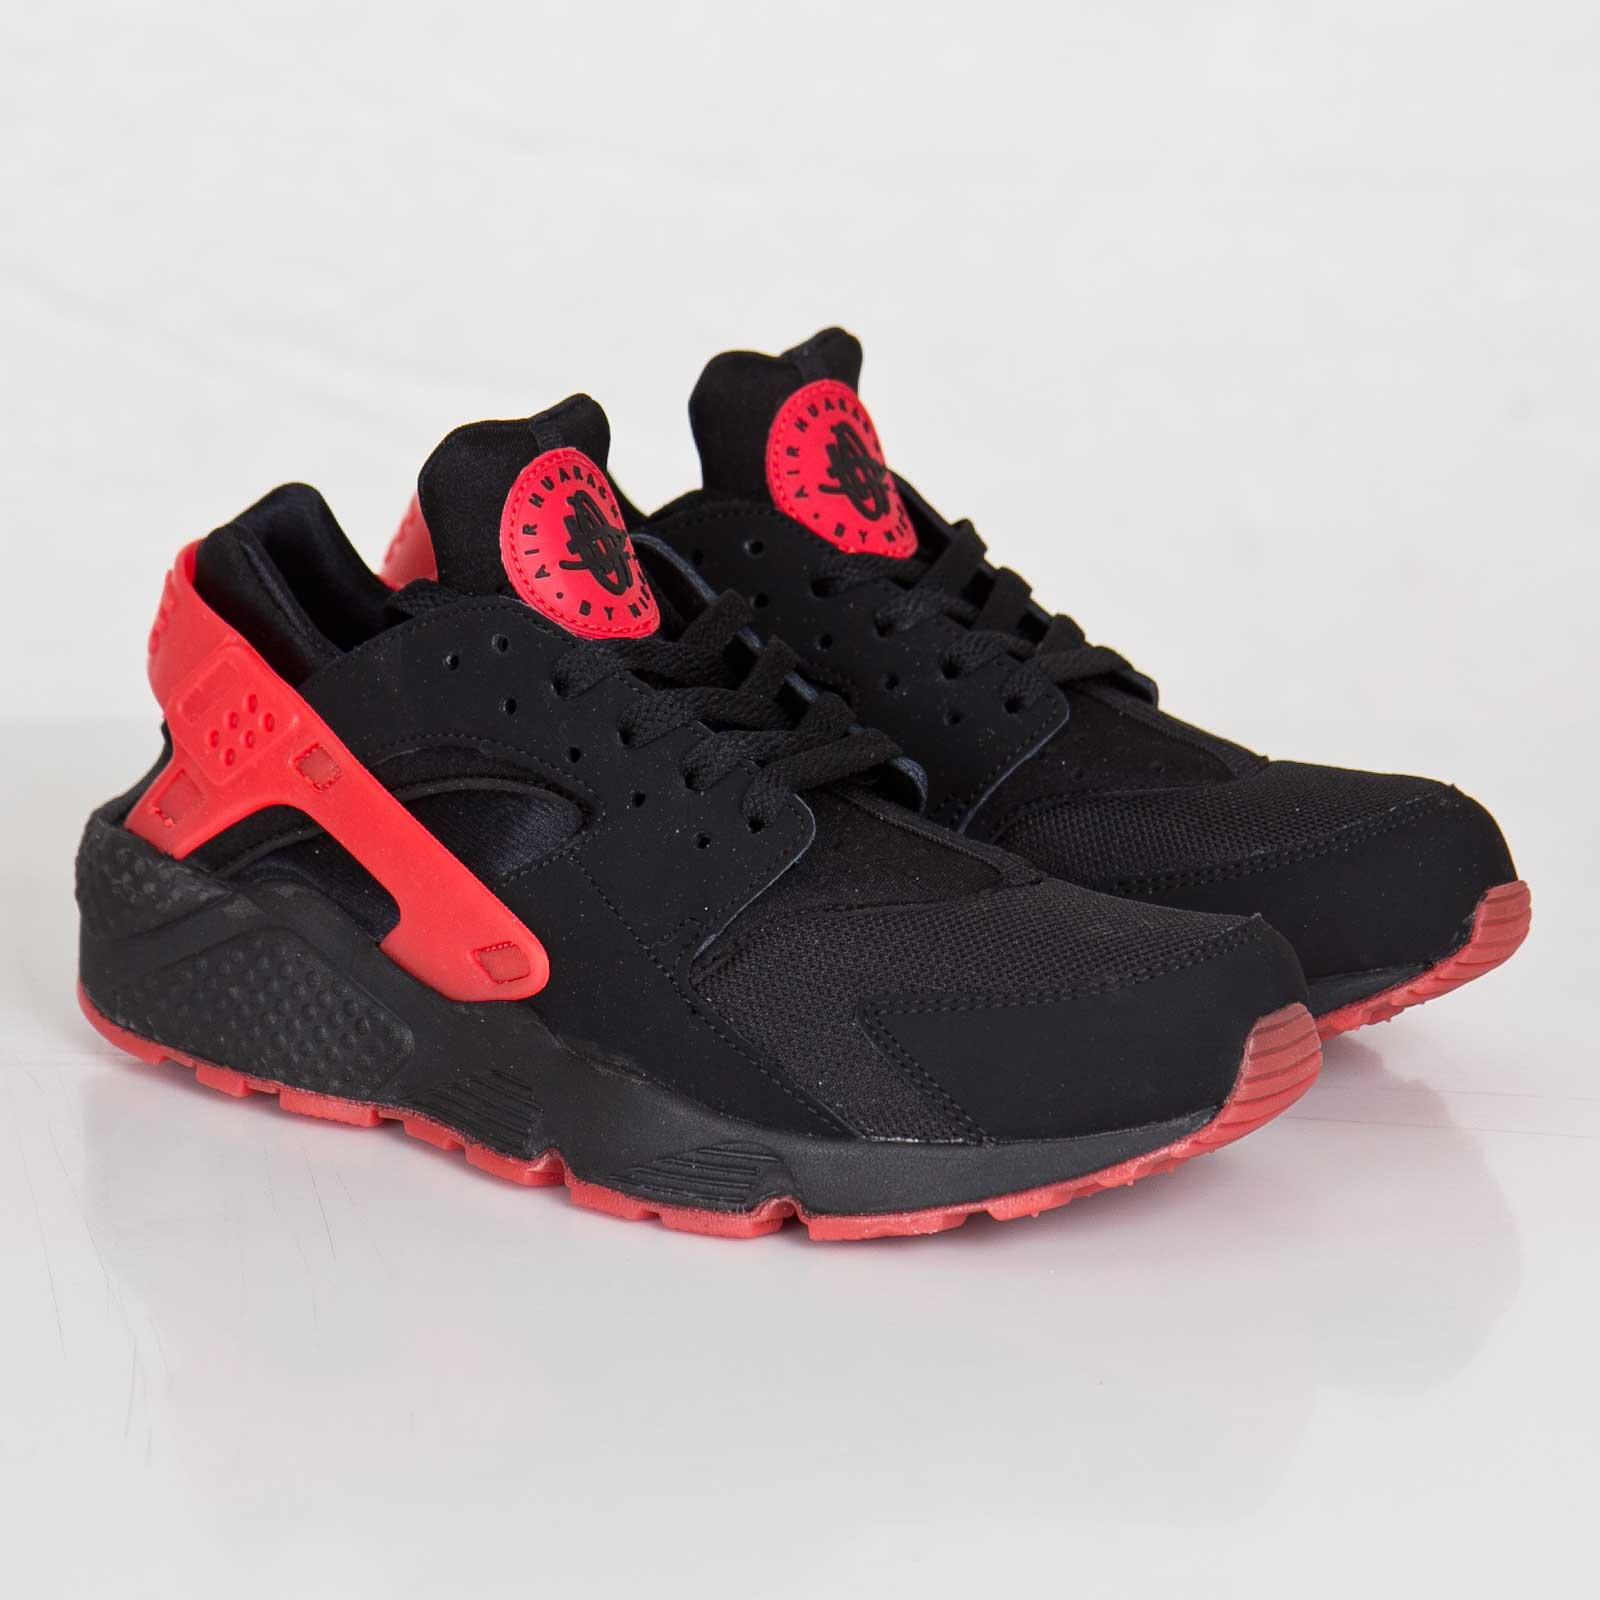 innovative design 2498f 372e1 Nike Air Huarache QS